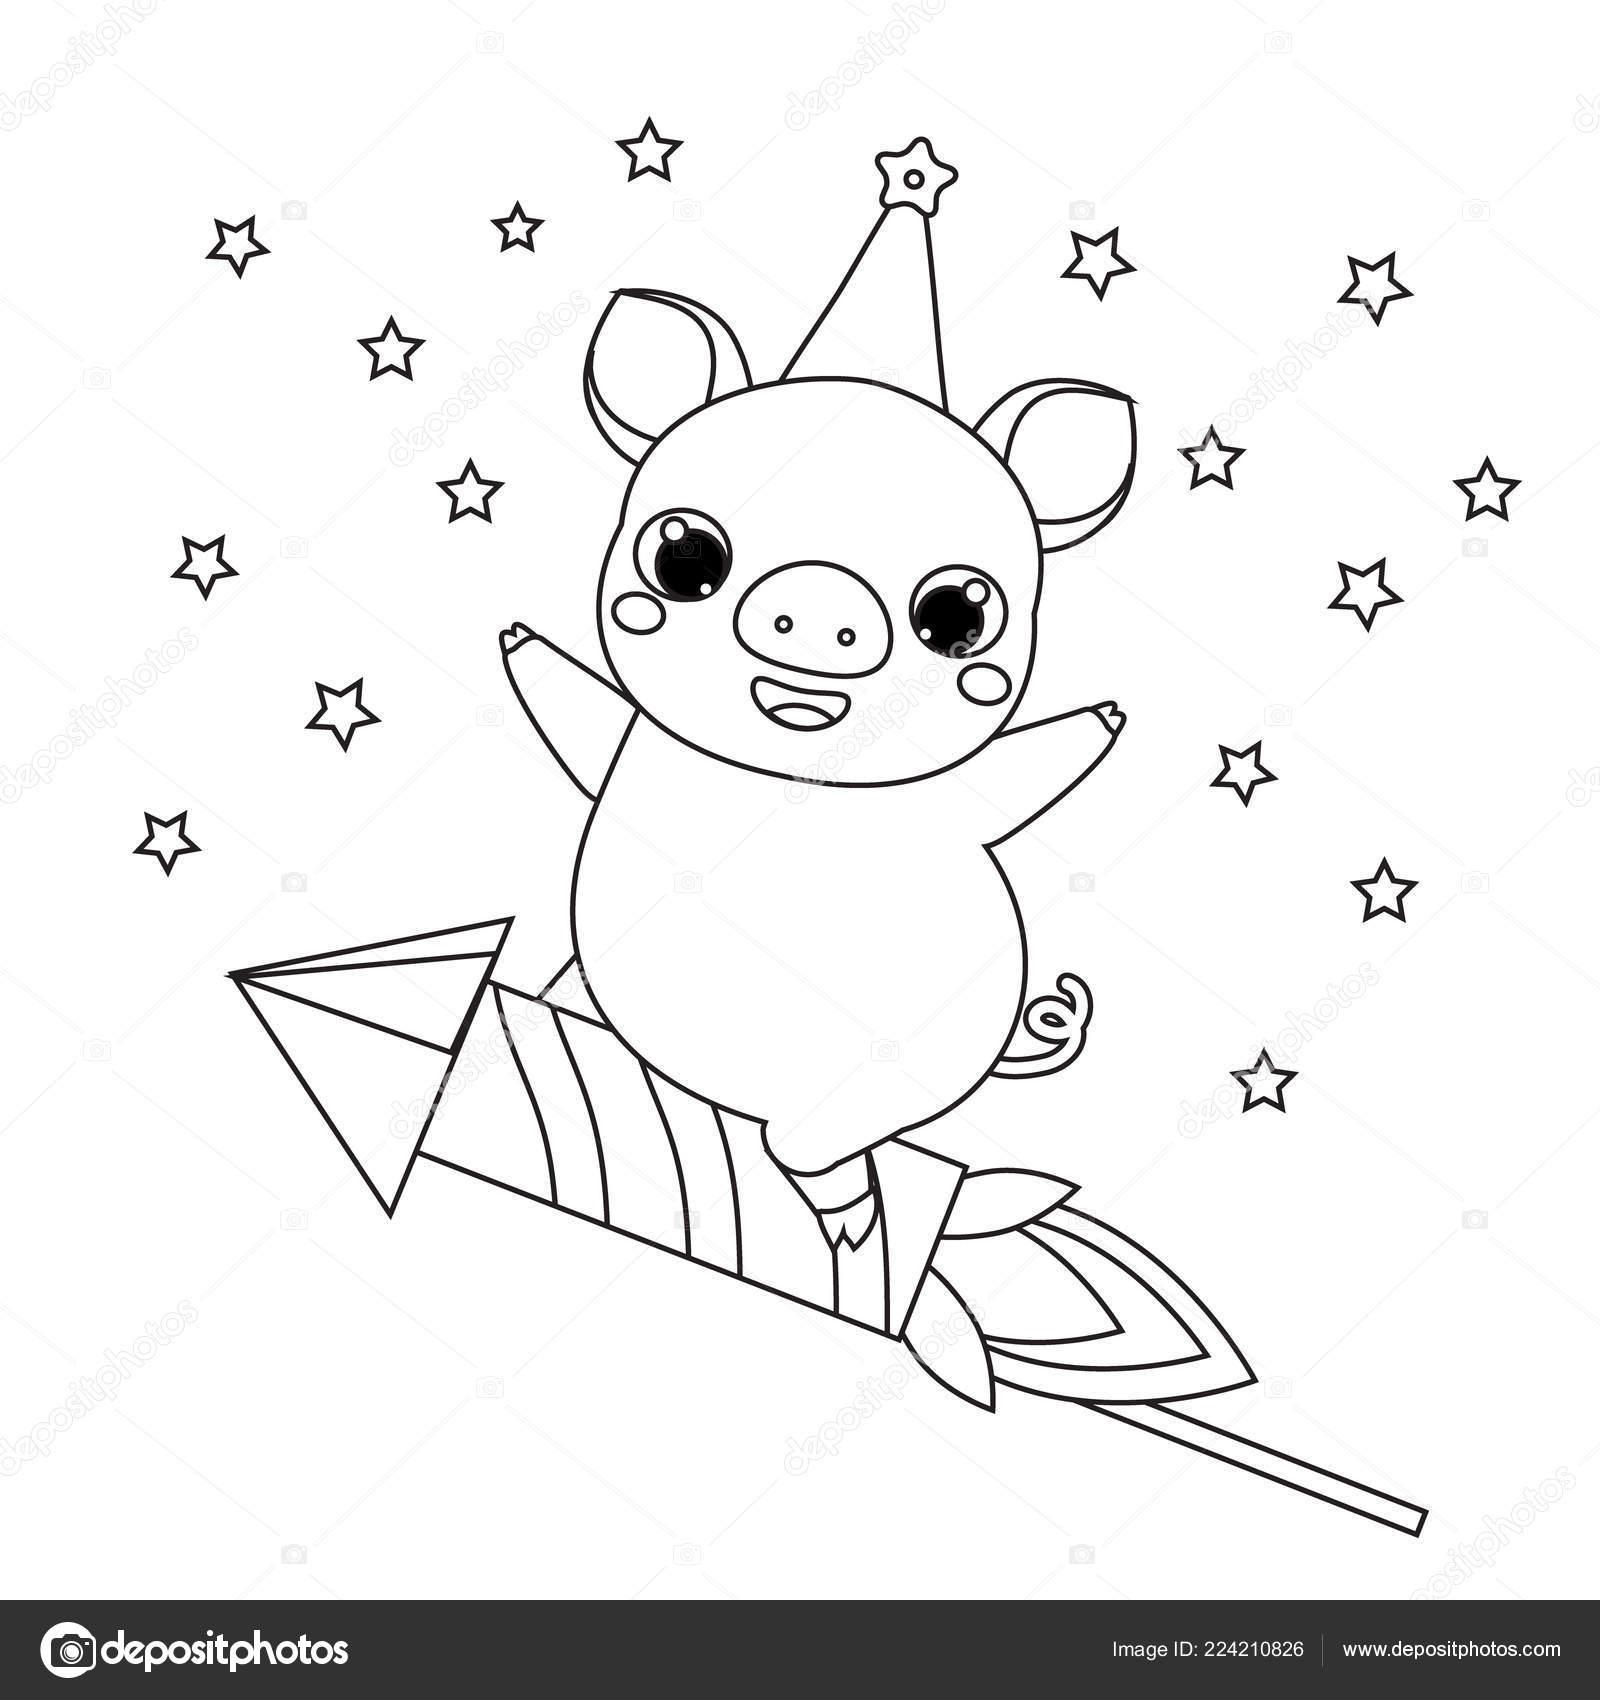 Colorear Año Nuevo Theme Página 2019 Dibujos Animados Cerdo Cohete